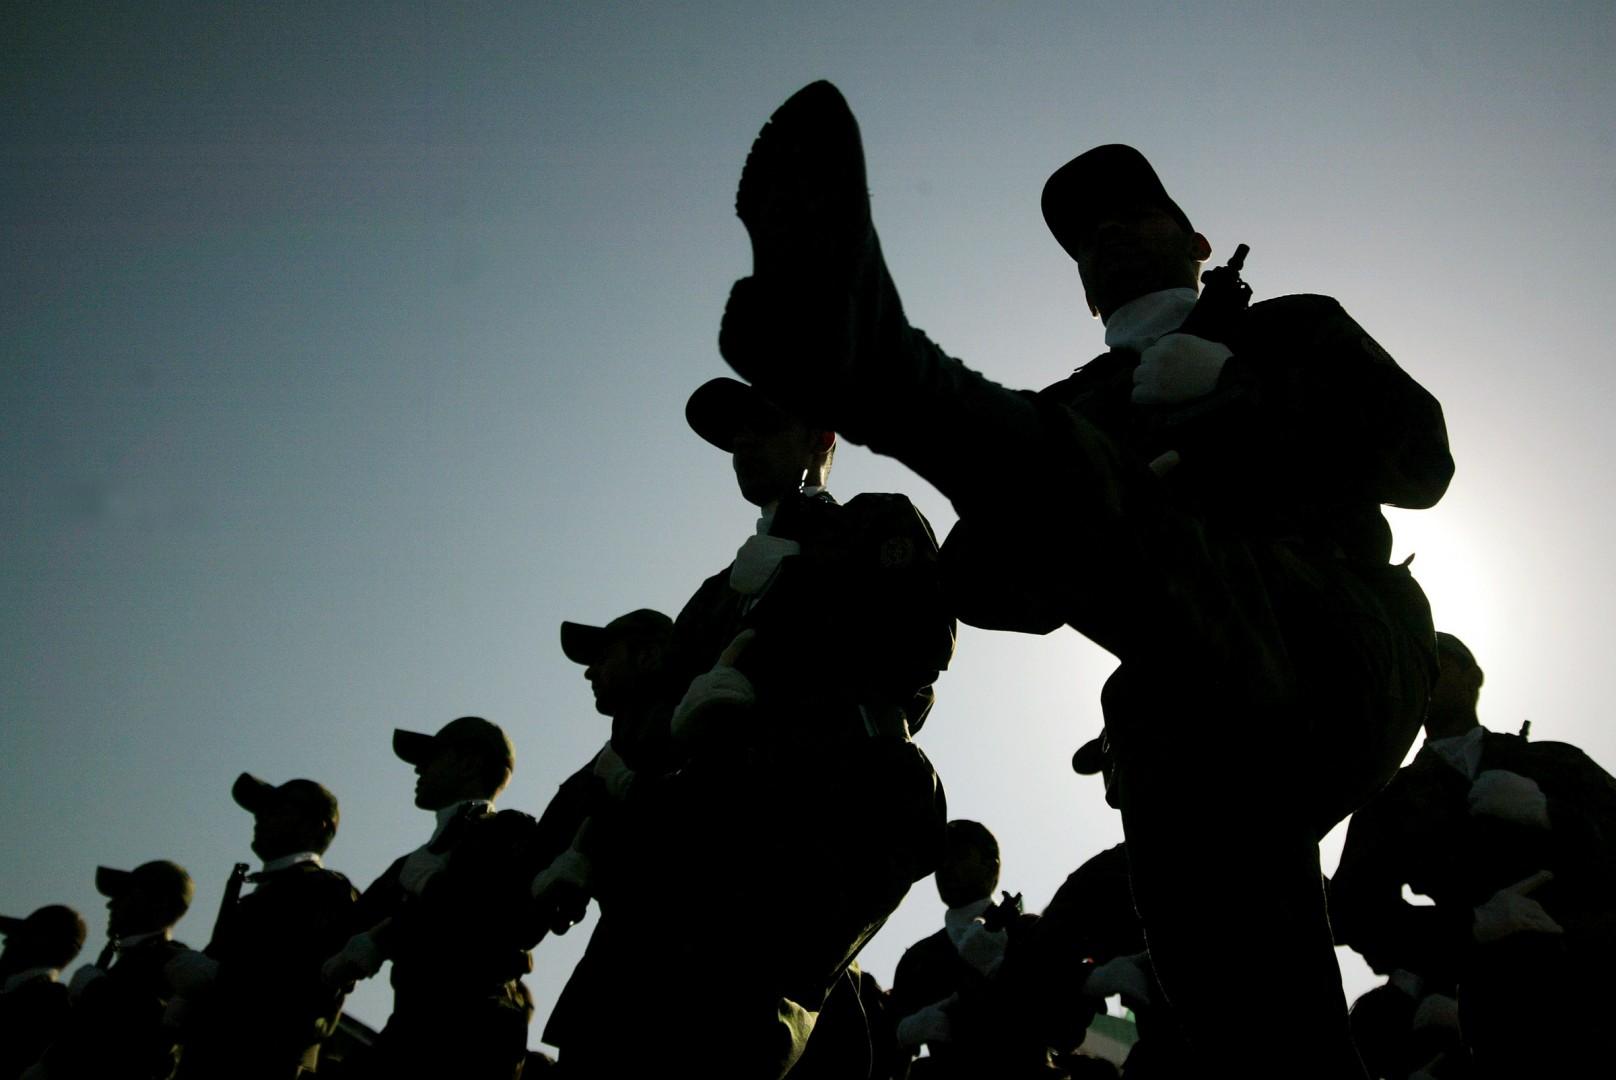 La parata dei soldati in Iran (LaPresse)